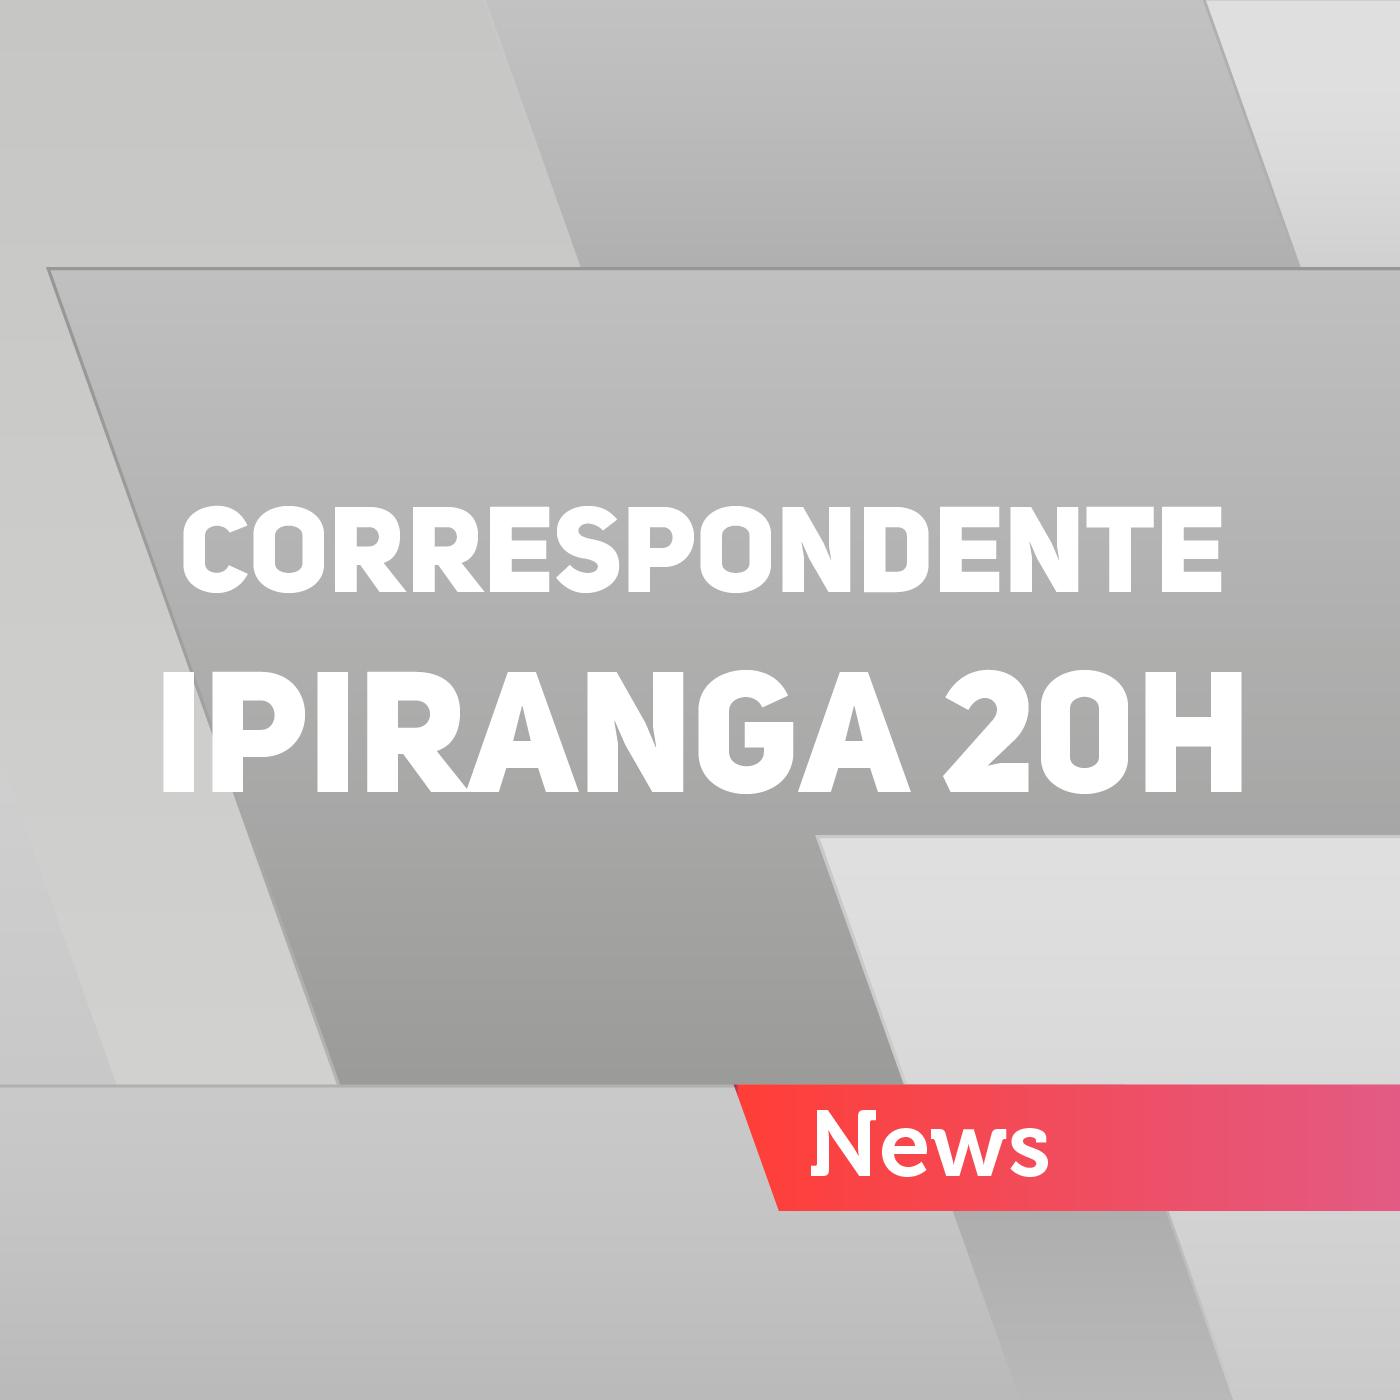 Correspondente Ipiranga 20h - 18/02/2017